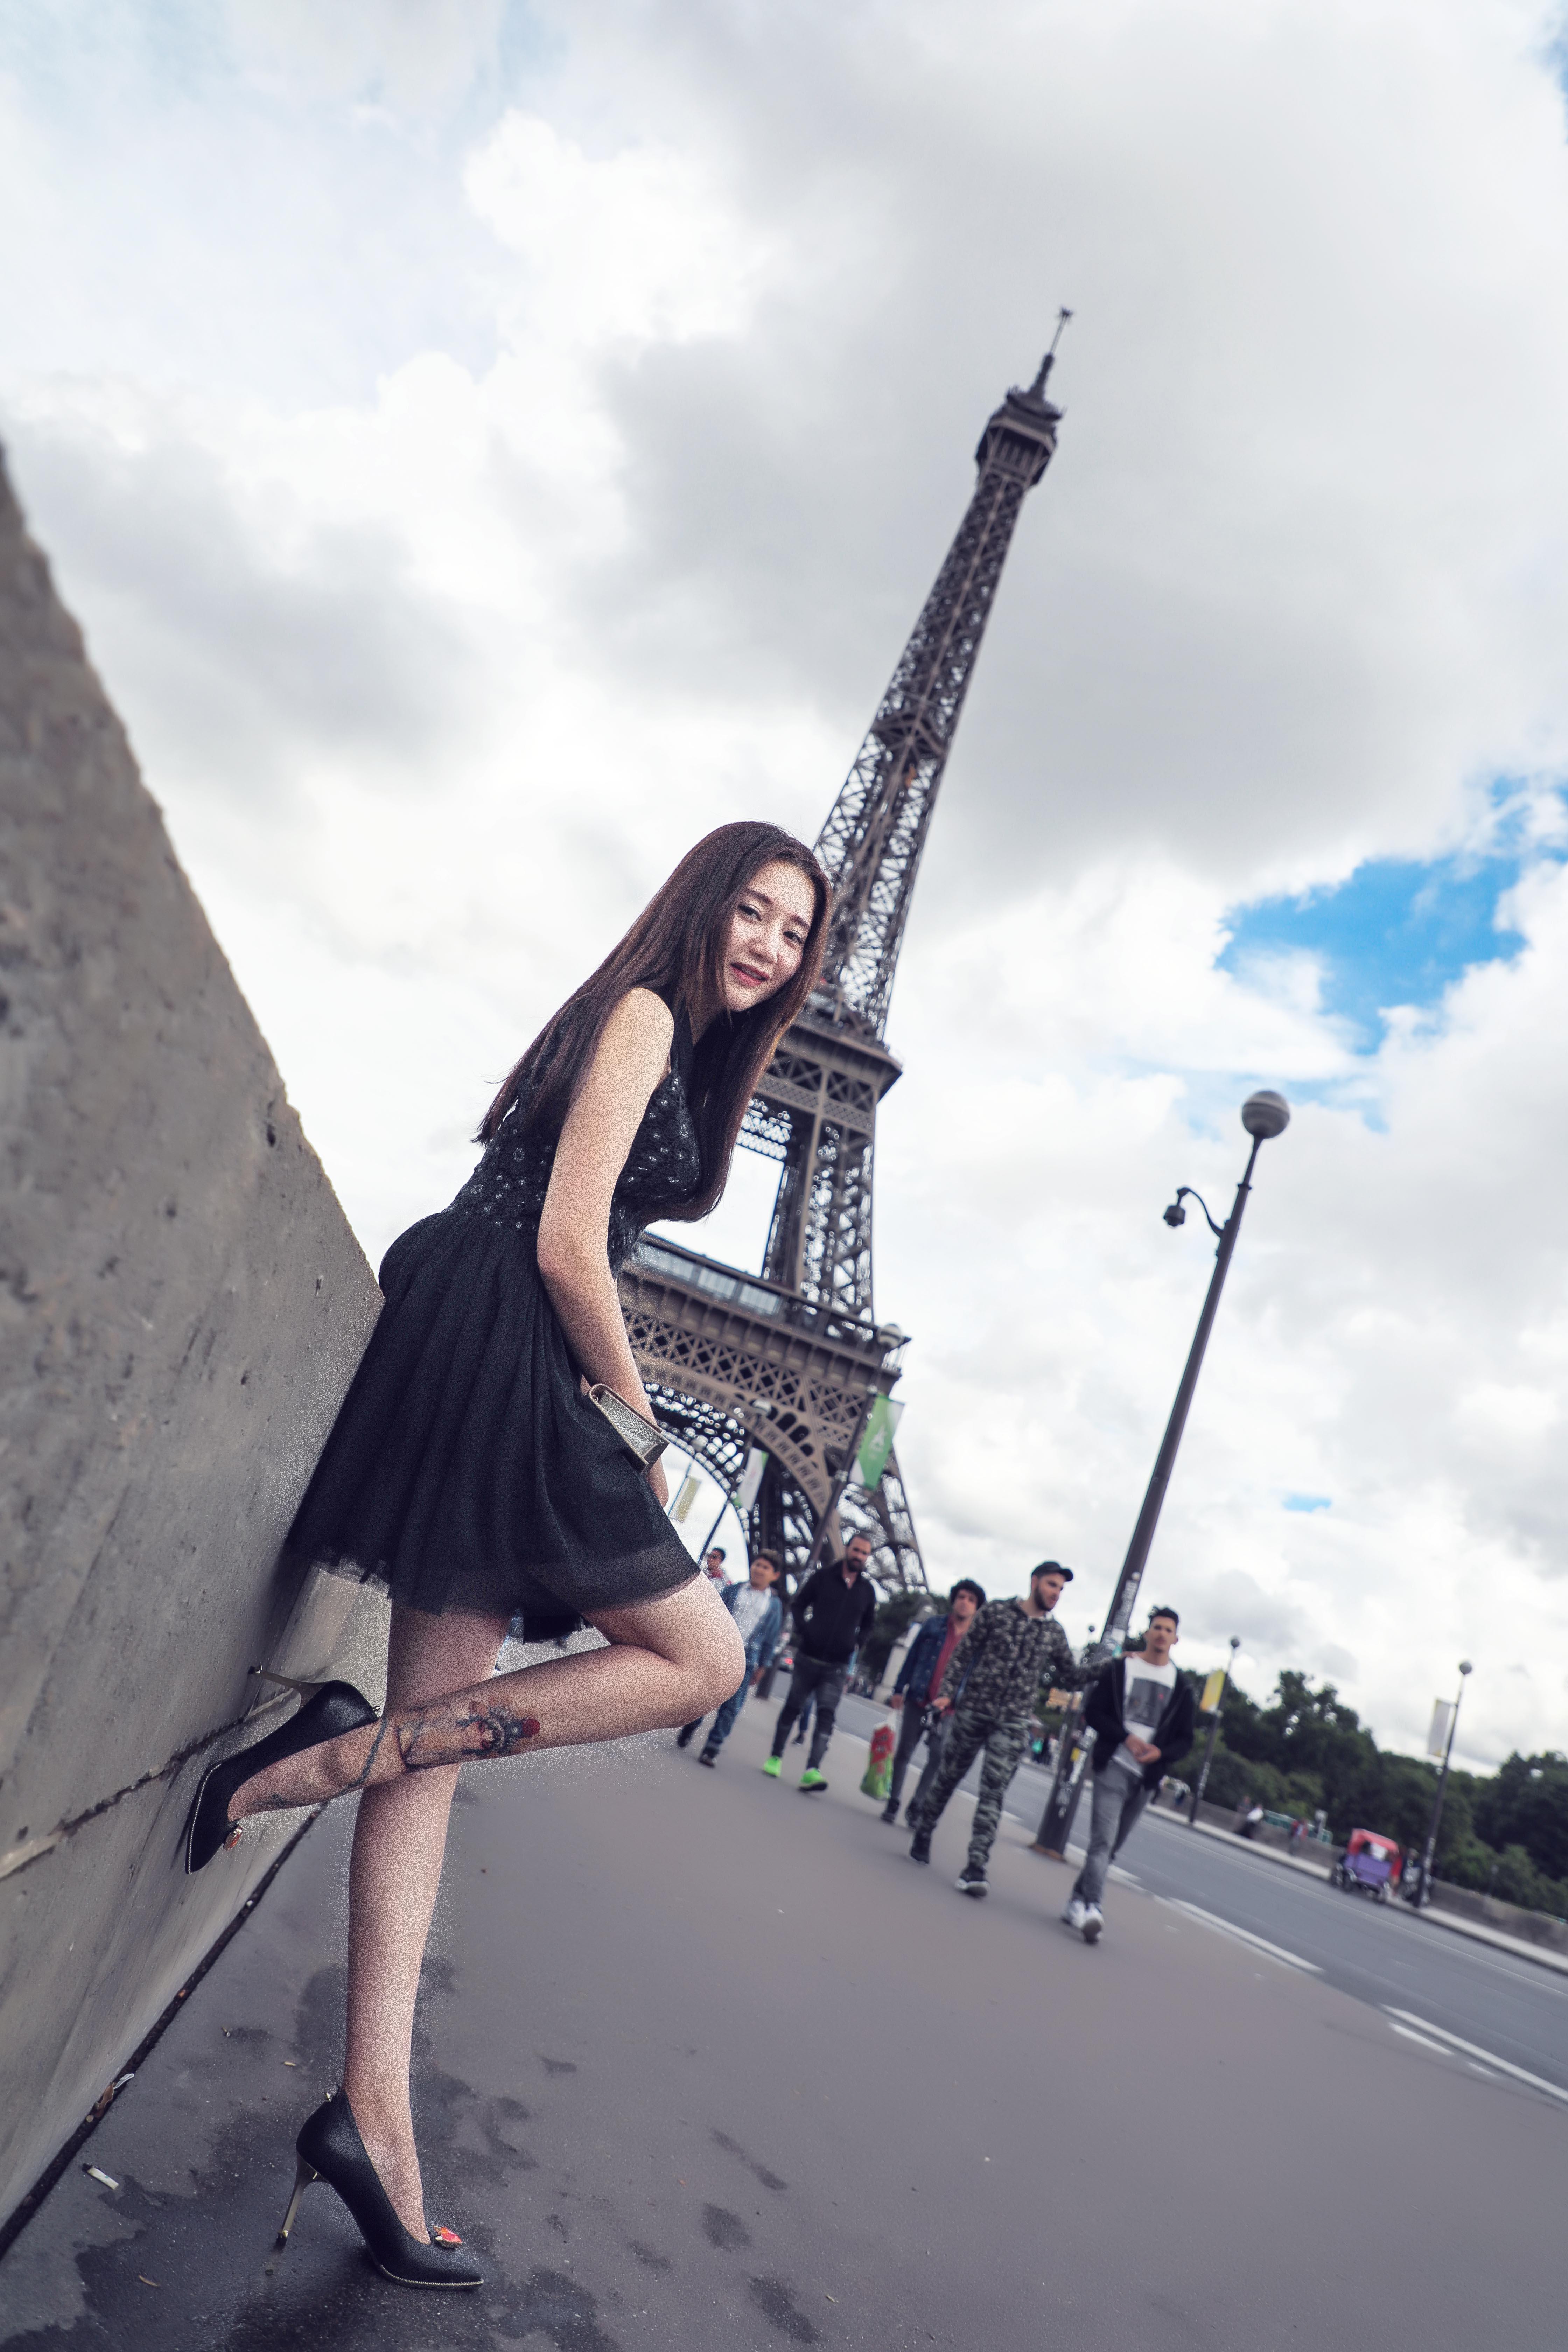 Eiffel Tower under the street shot